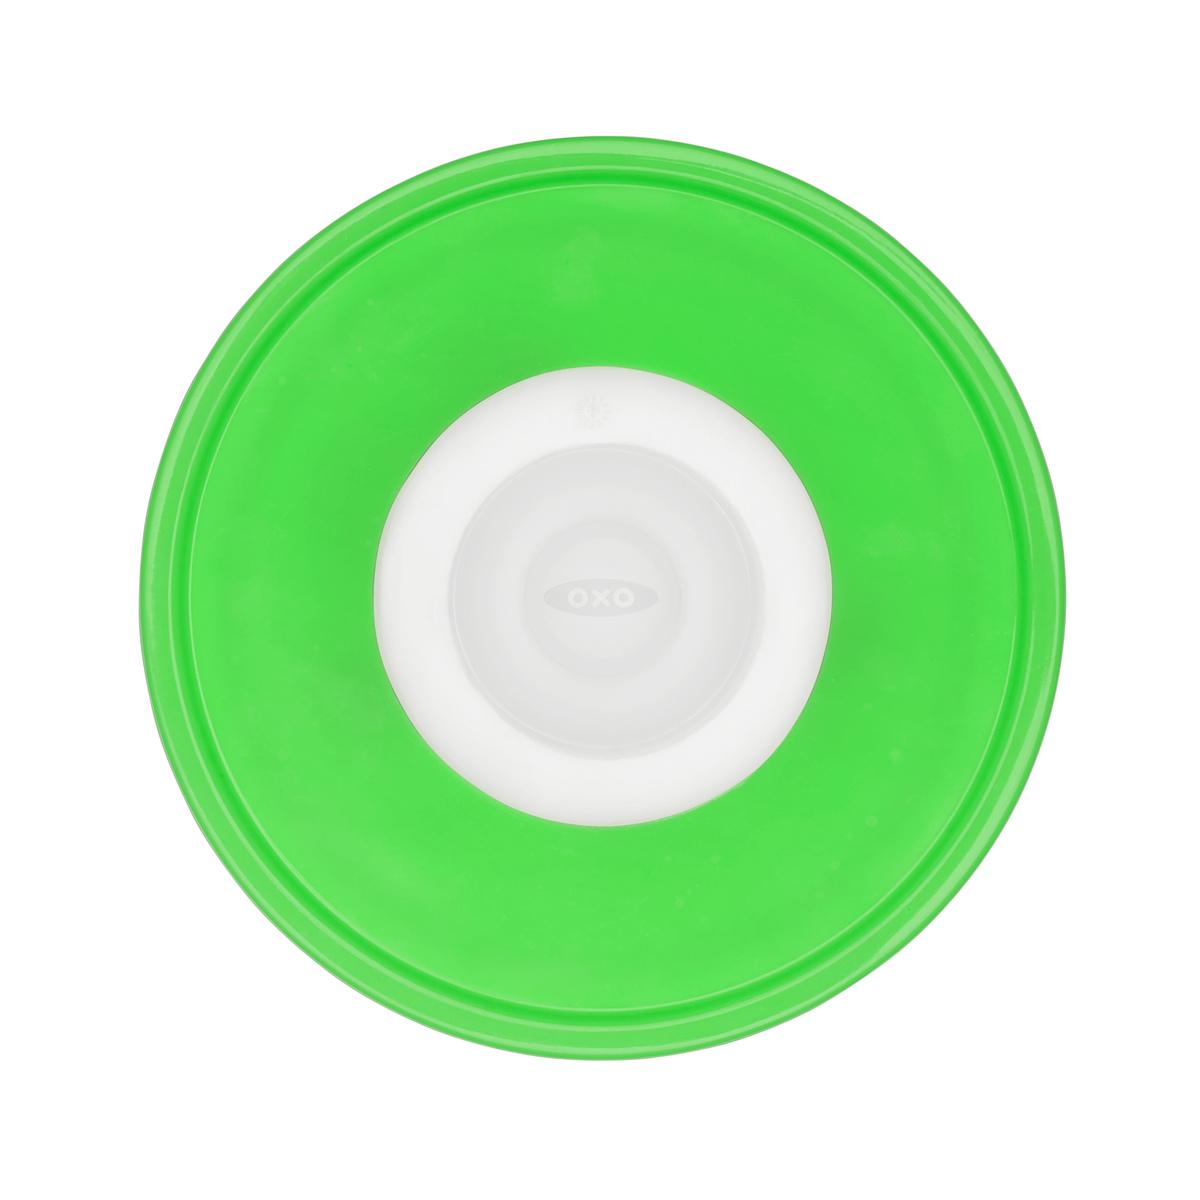 Онлайн каталог PROMENU: Крышка силиконовая маленькая OXO FOOD STORAGE, диаметр 15,2 см, зеленый                               11242300